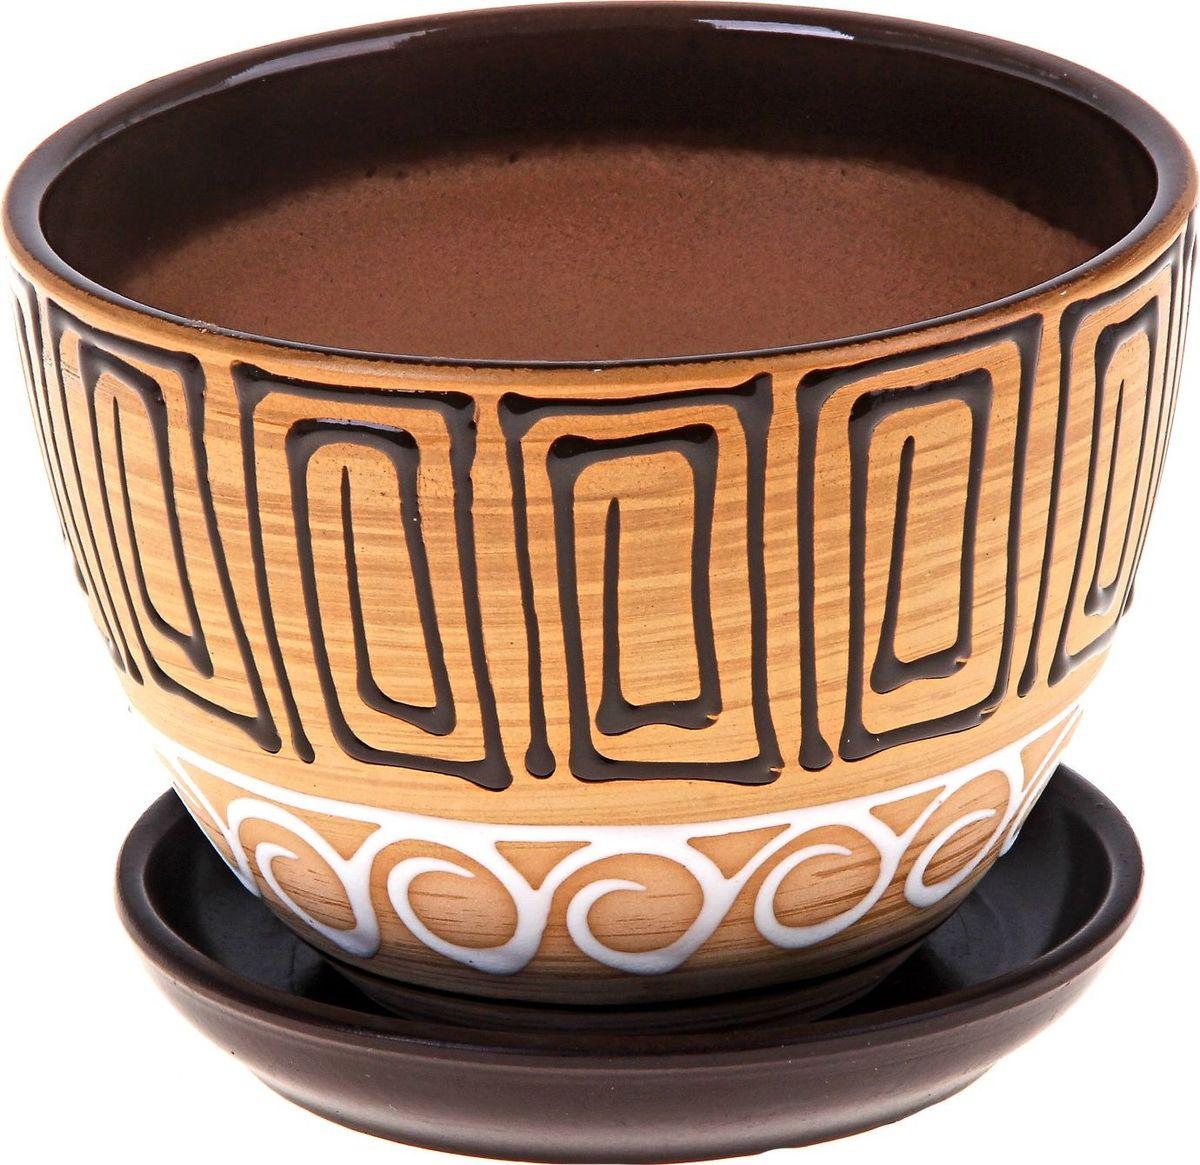 Кашпо Египет, с поддоном, 1,65 л164765Комнатные растения - всеобщие любимцы. Они радуют глаз, насыщают помещение кислородом и украшают пространство. Каждому из них необходим свой удобный и красивый дом.Кашпо из керамики Египет прекрасно подходит для выращивания растений и цветов в домашних условиях. Лаконичный дизайн впишется в интерьер любого помещения.